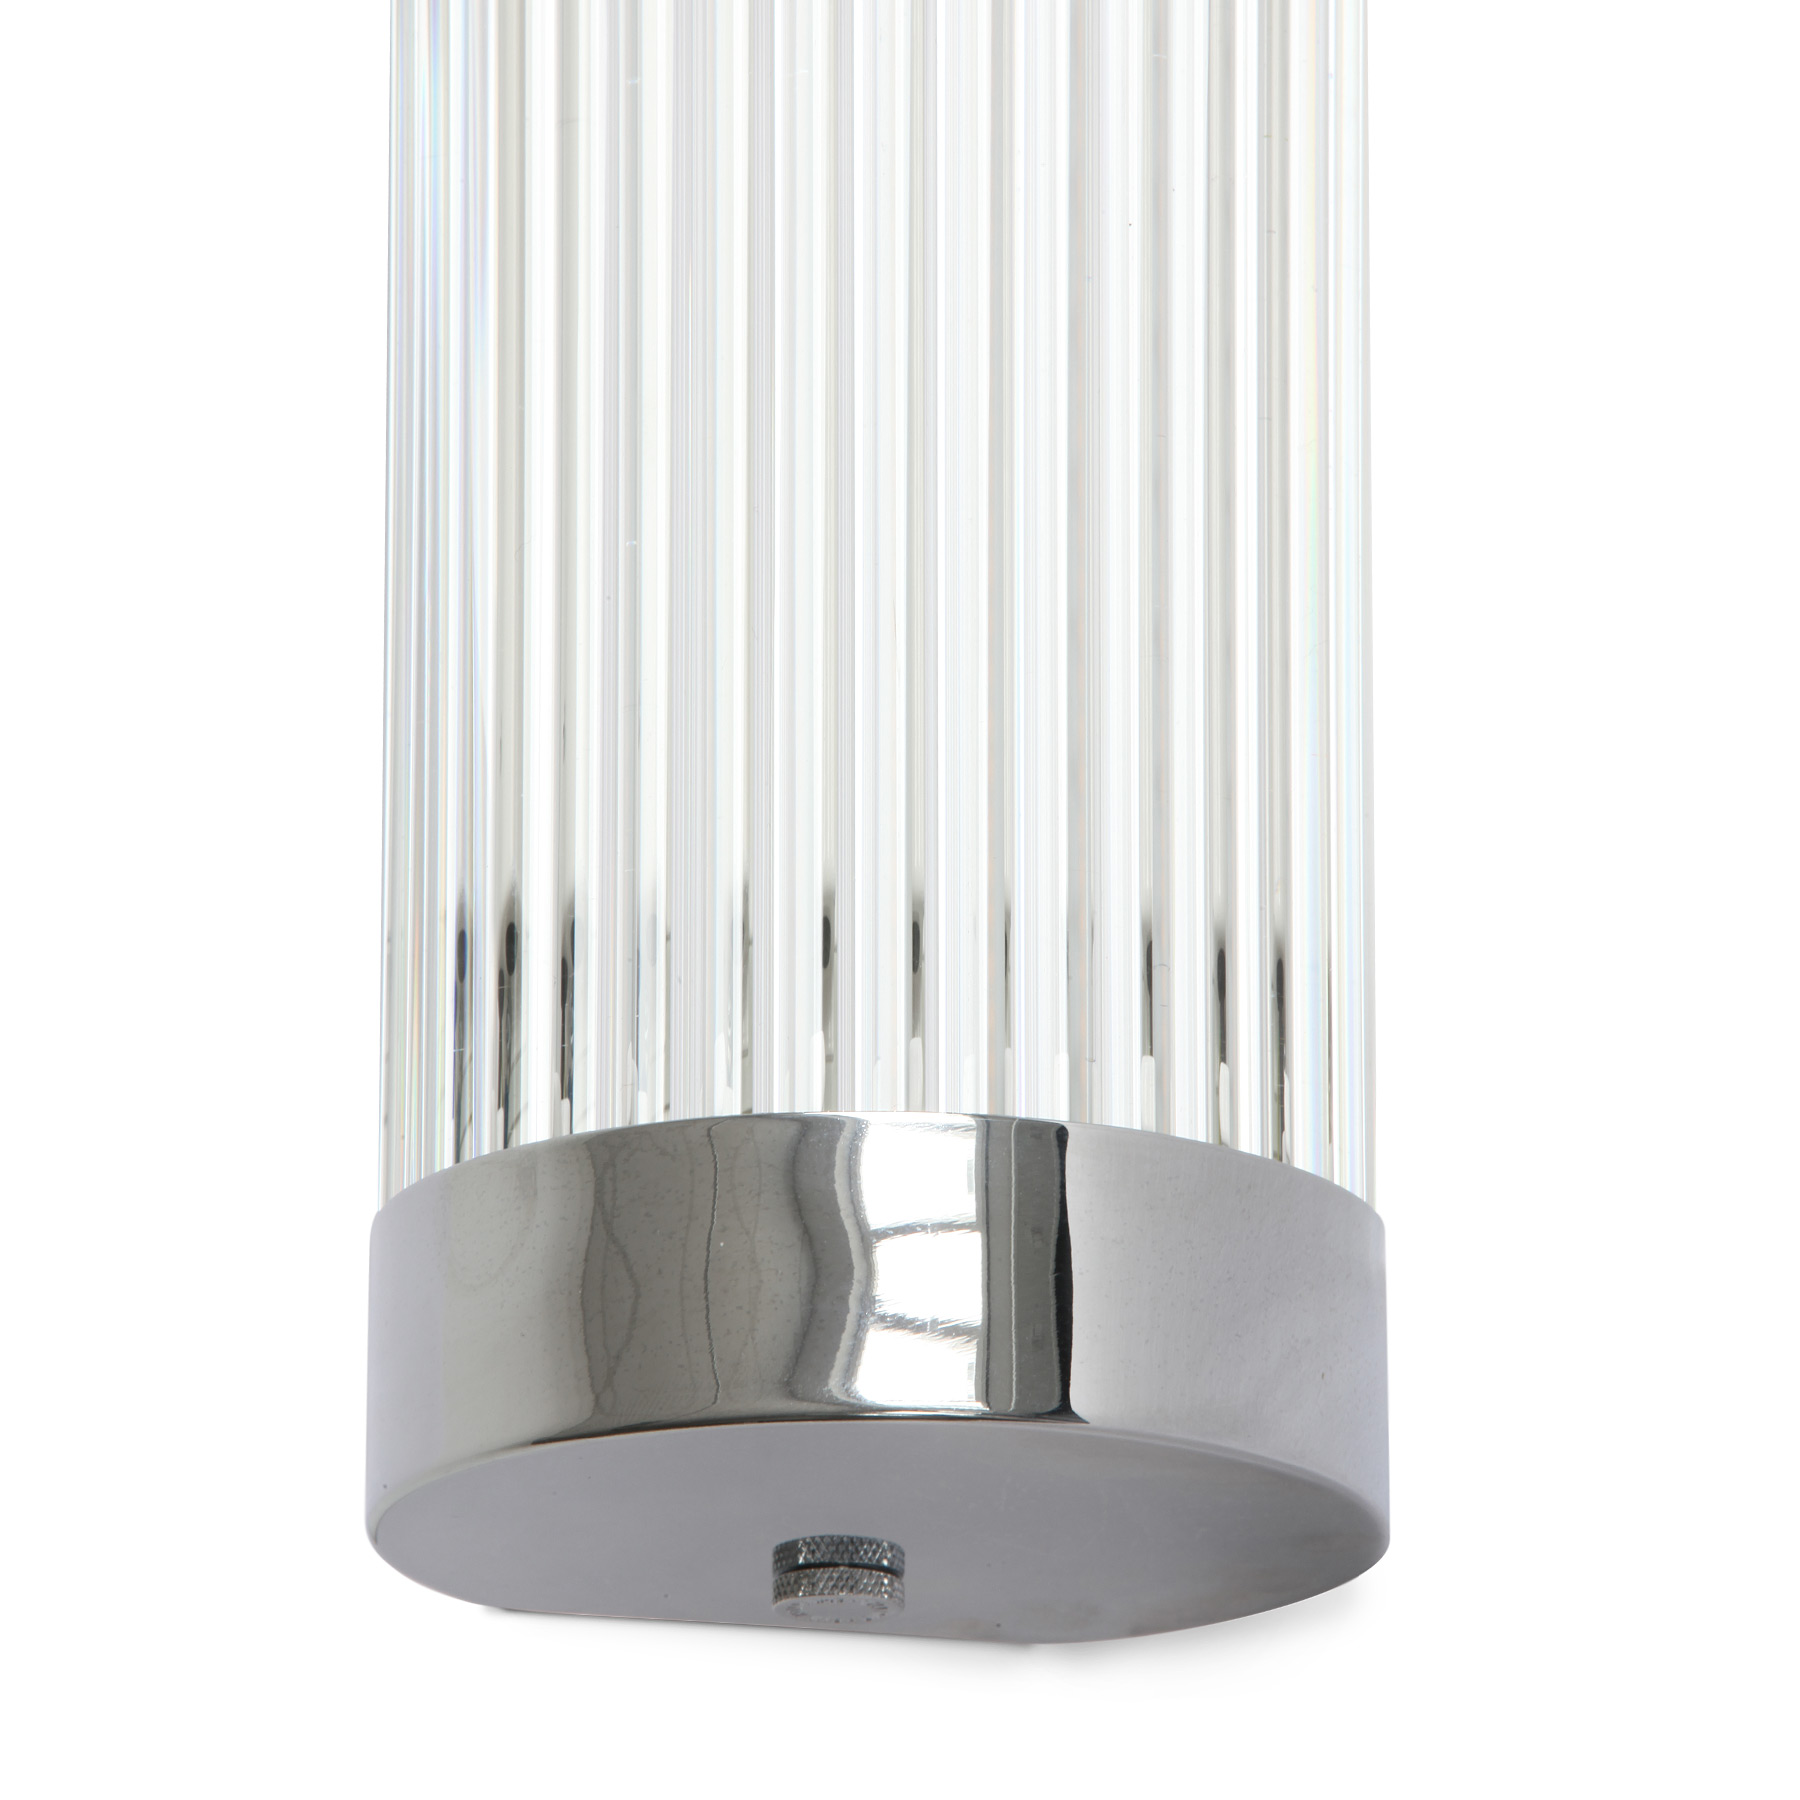 led bad badezimmer lampen spots badezimmer best of bad lampen led great led lampen spots. Black Bedroom Furniture Sets. Home Design Ideas